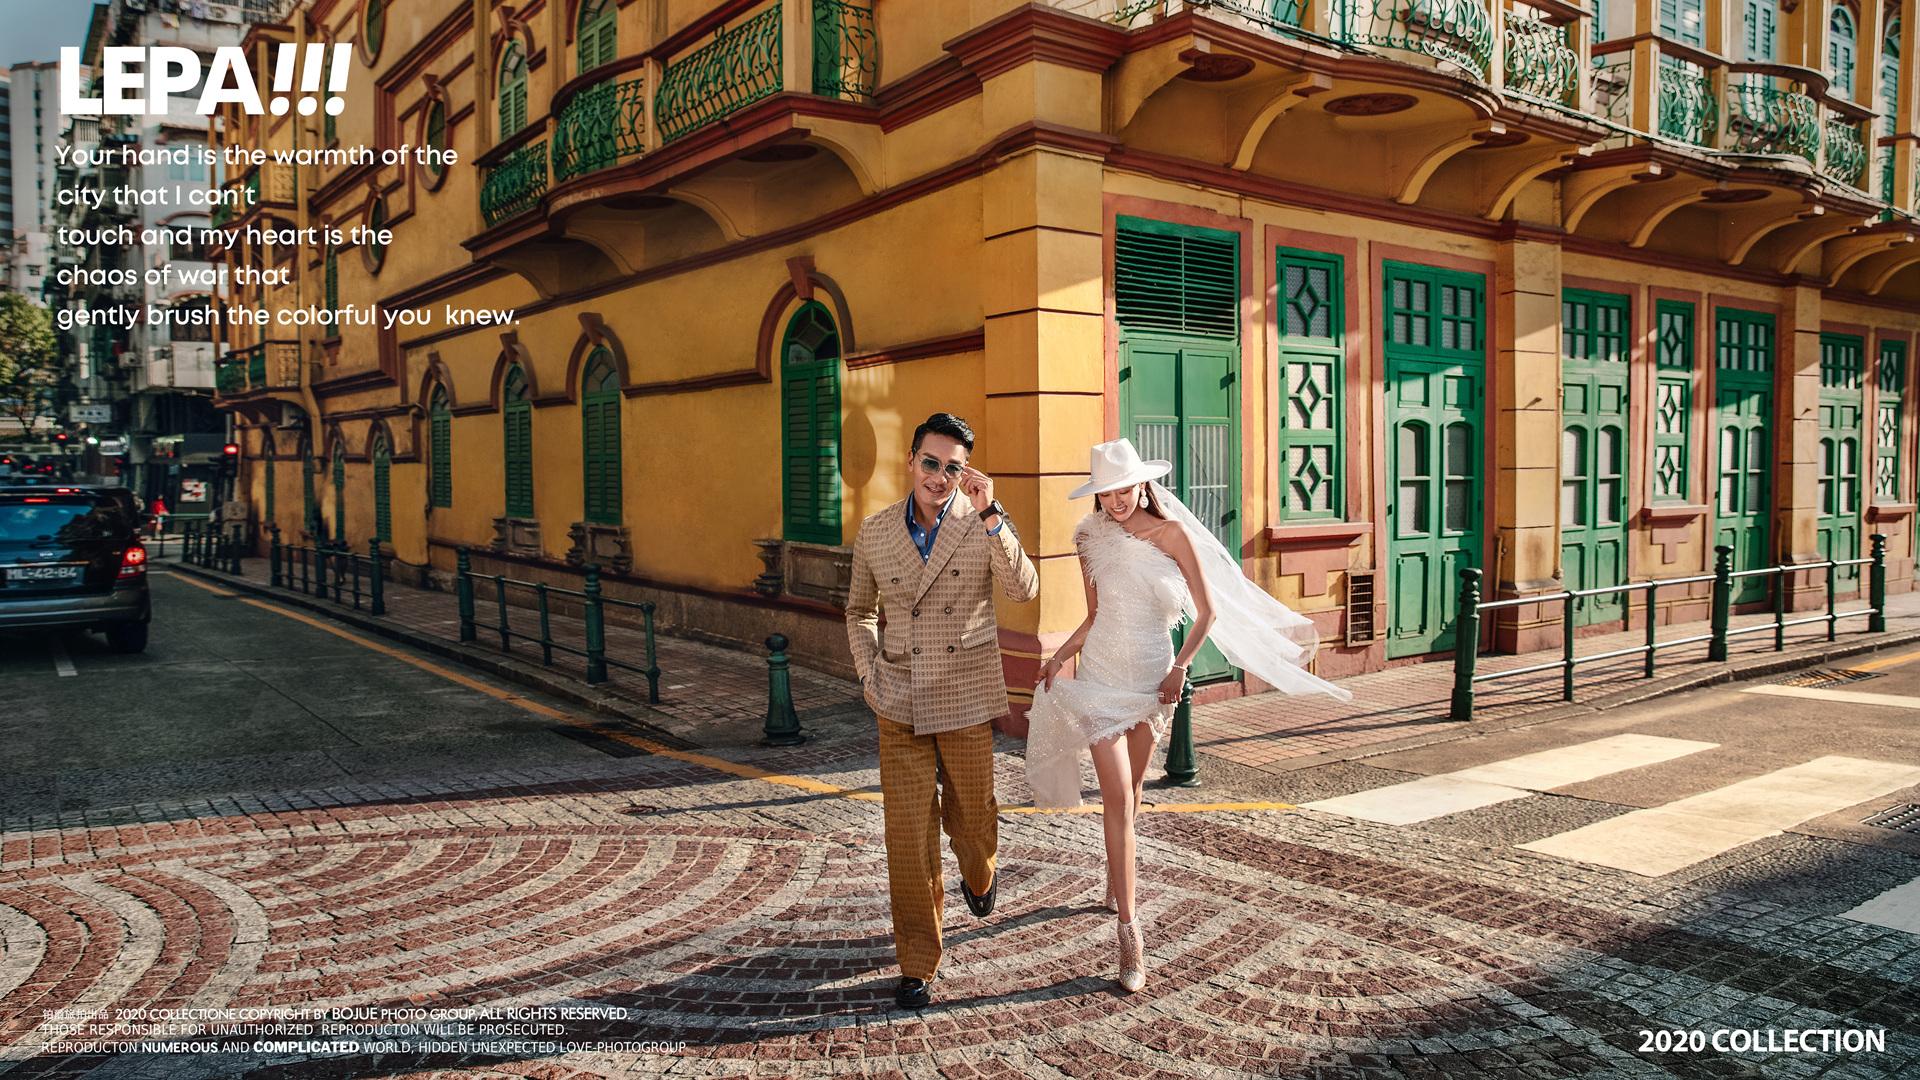 厦门婚纱摄影4000元套餐怎么样?婚纱照套餐要怎么筛选?